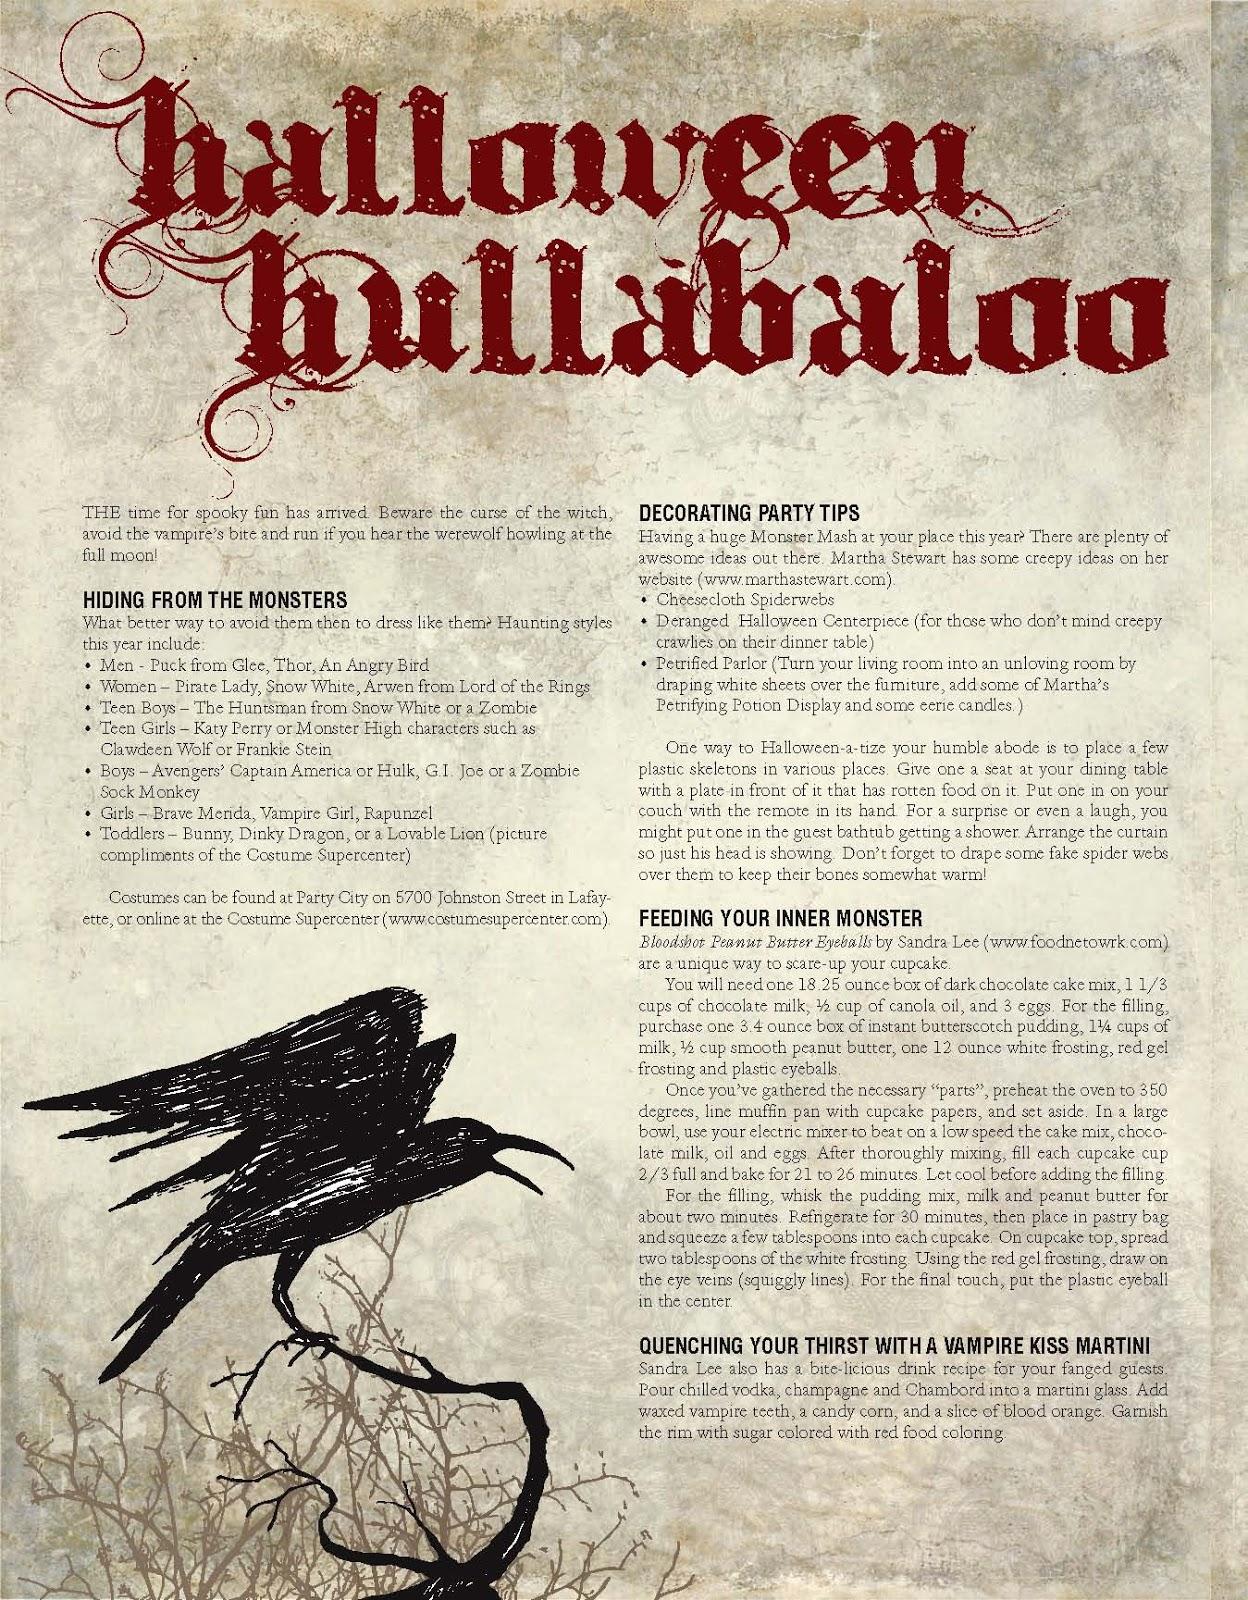 008 magazine articles halloween hullabaloo a 008 magazine article - Article About Halloween